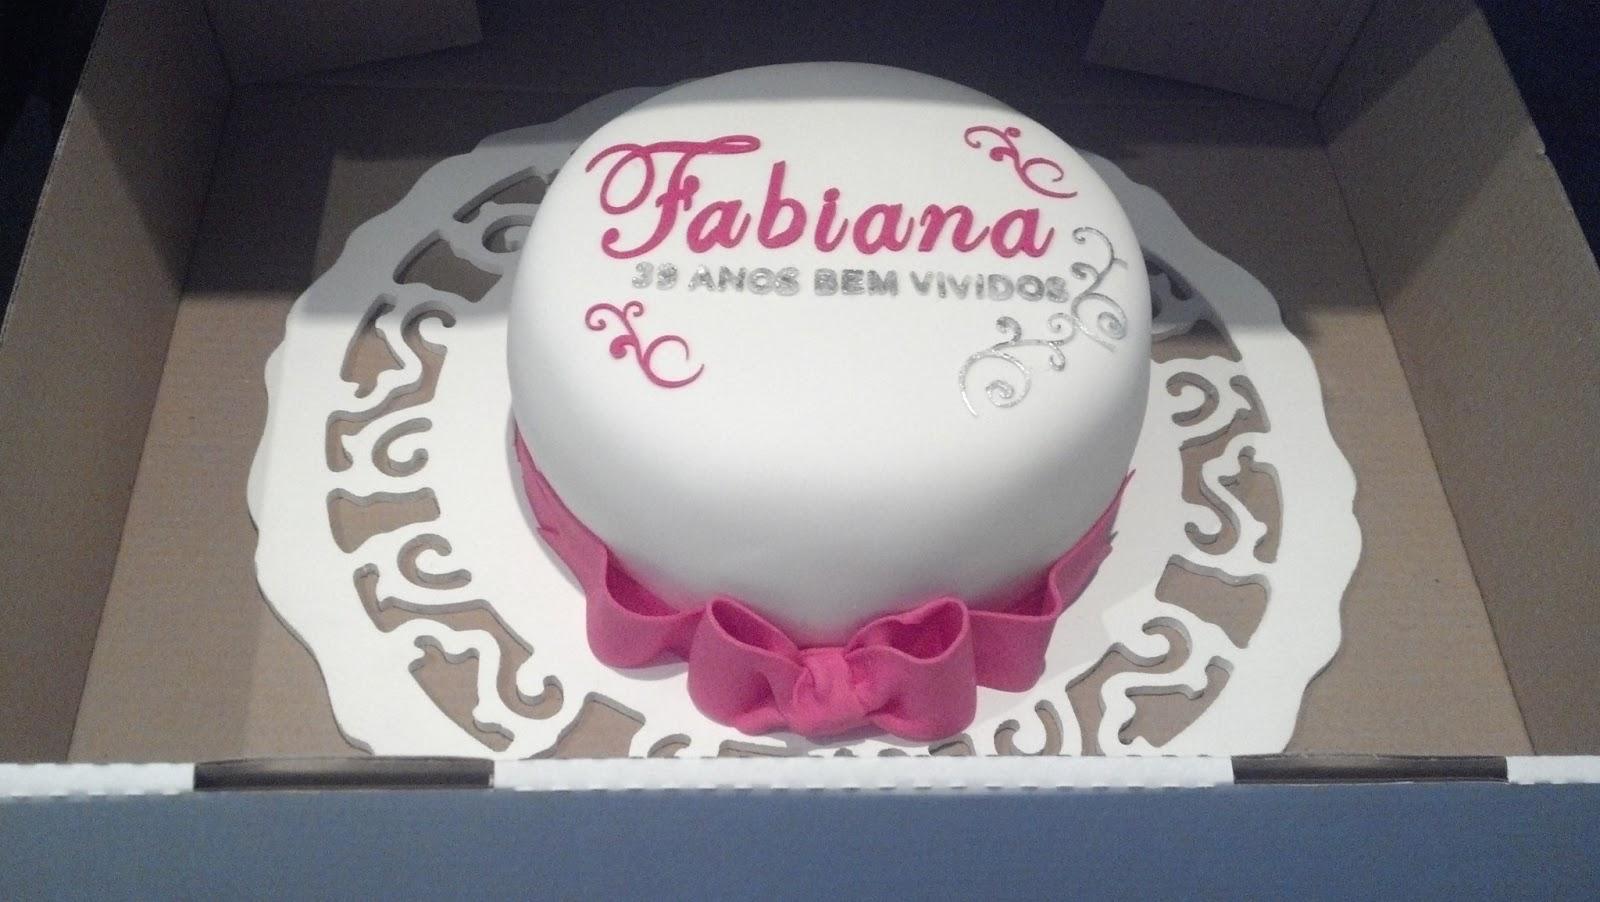 Mesa De Feliz Aniversario Bolo Para Sobrinha Imagens: Andrea Dolce Amore: Aniversário